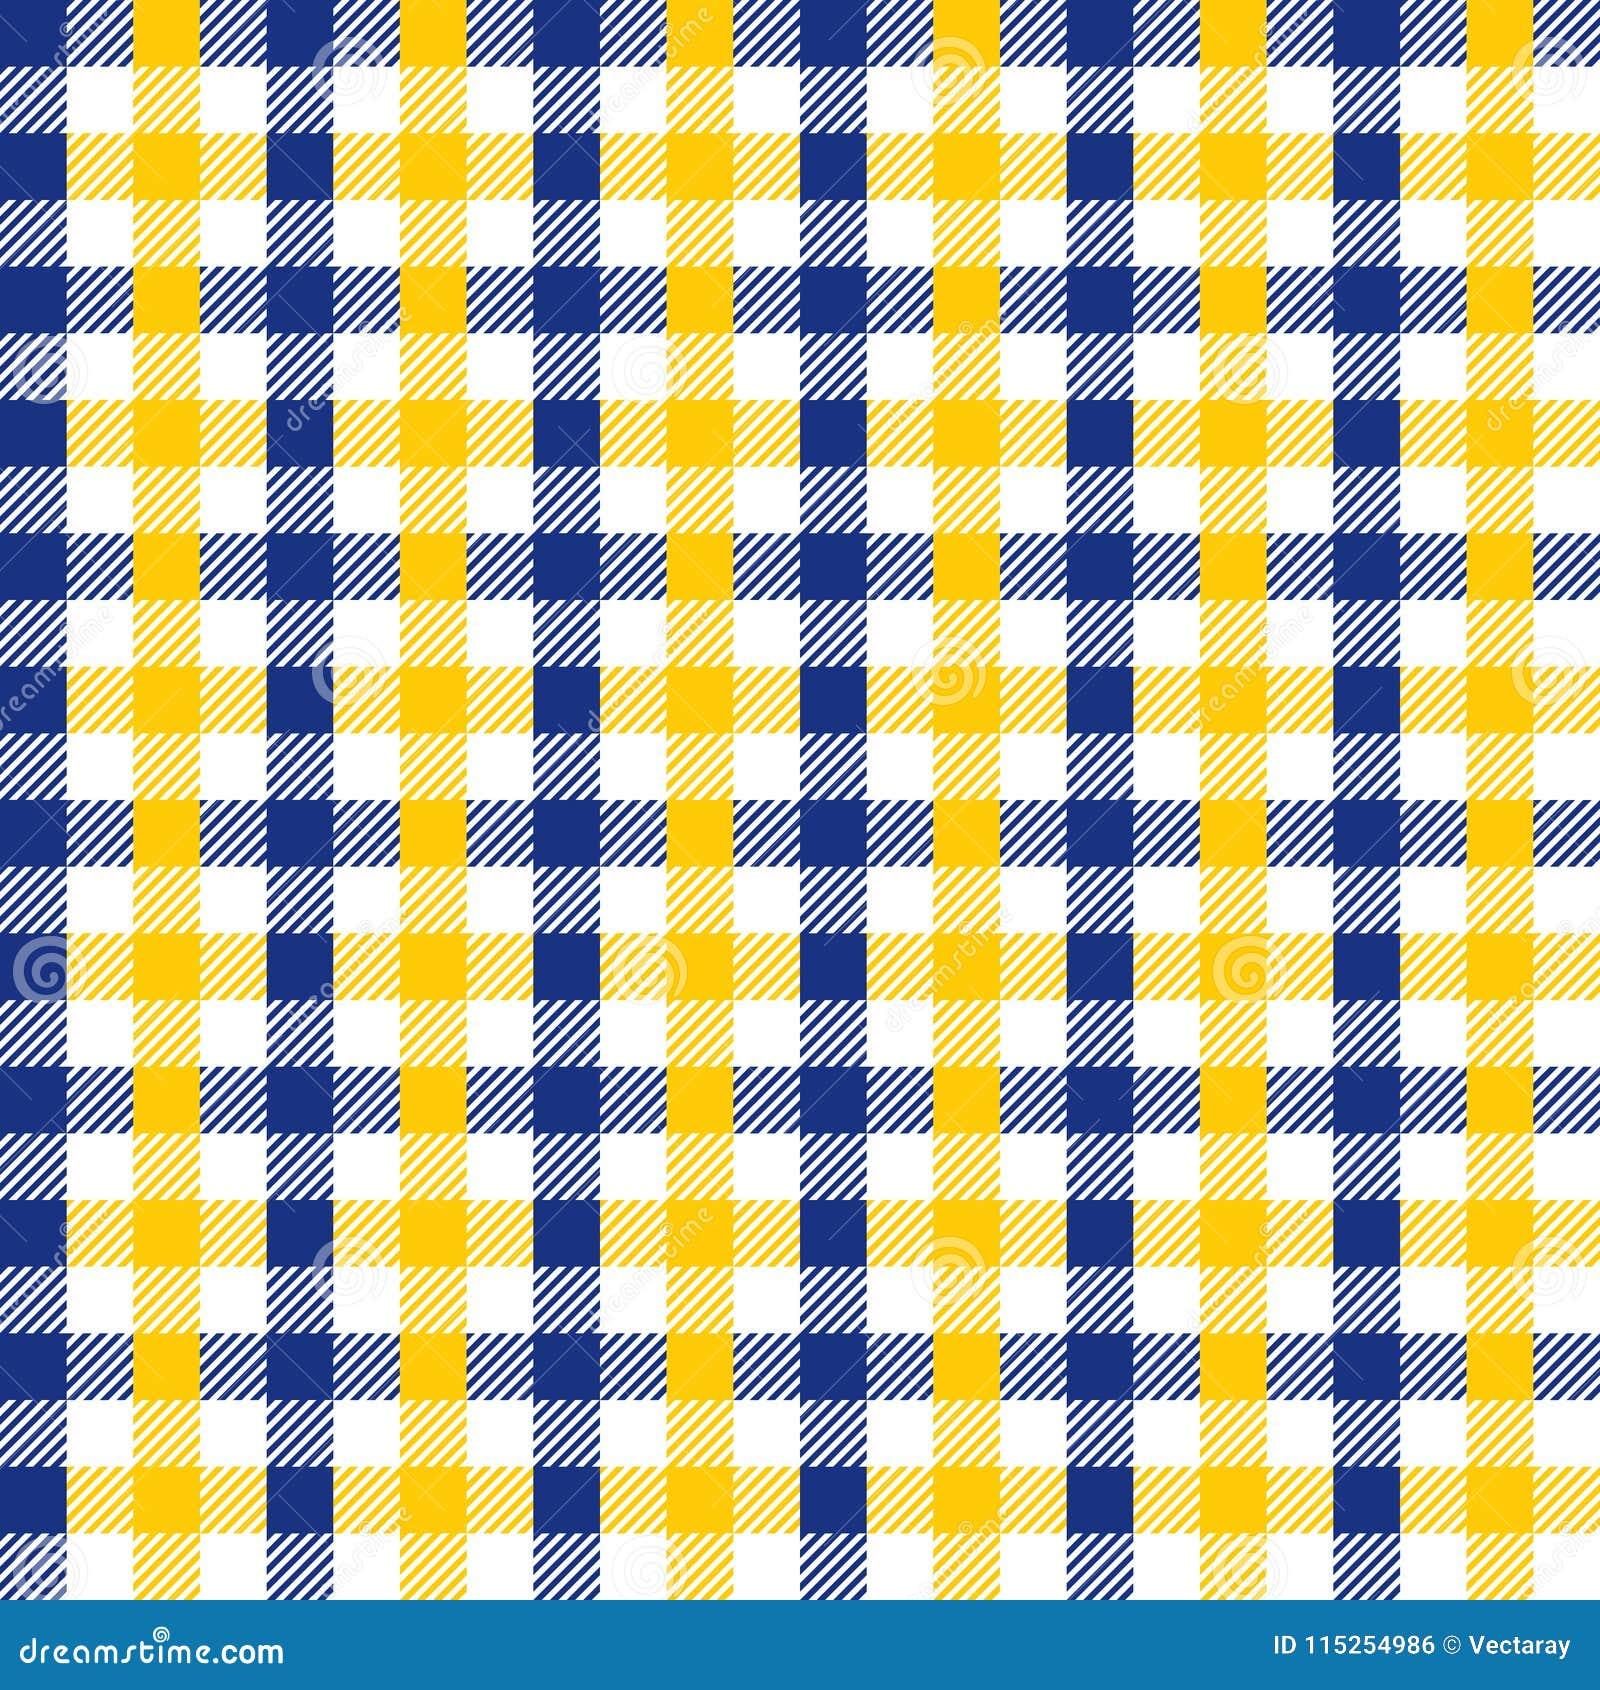 Azules marinos inconsútiles del vintage y textura a cuadros amarilla del fondo del modelo de la tela